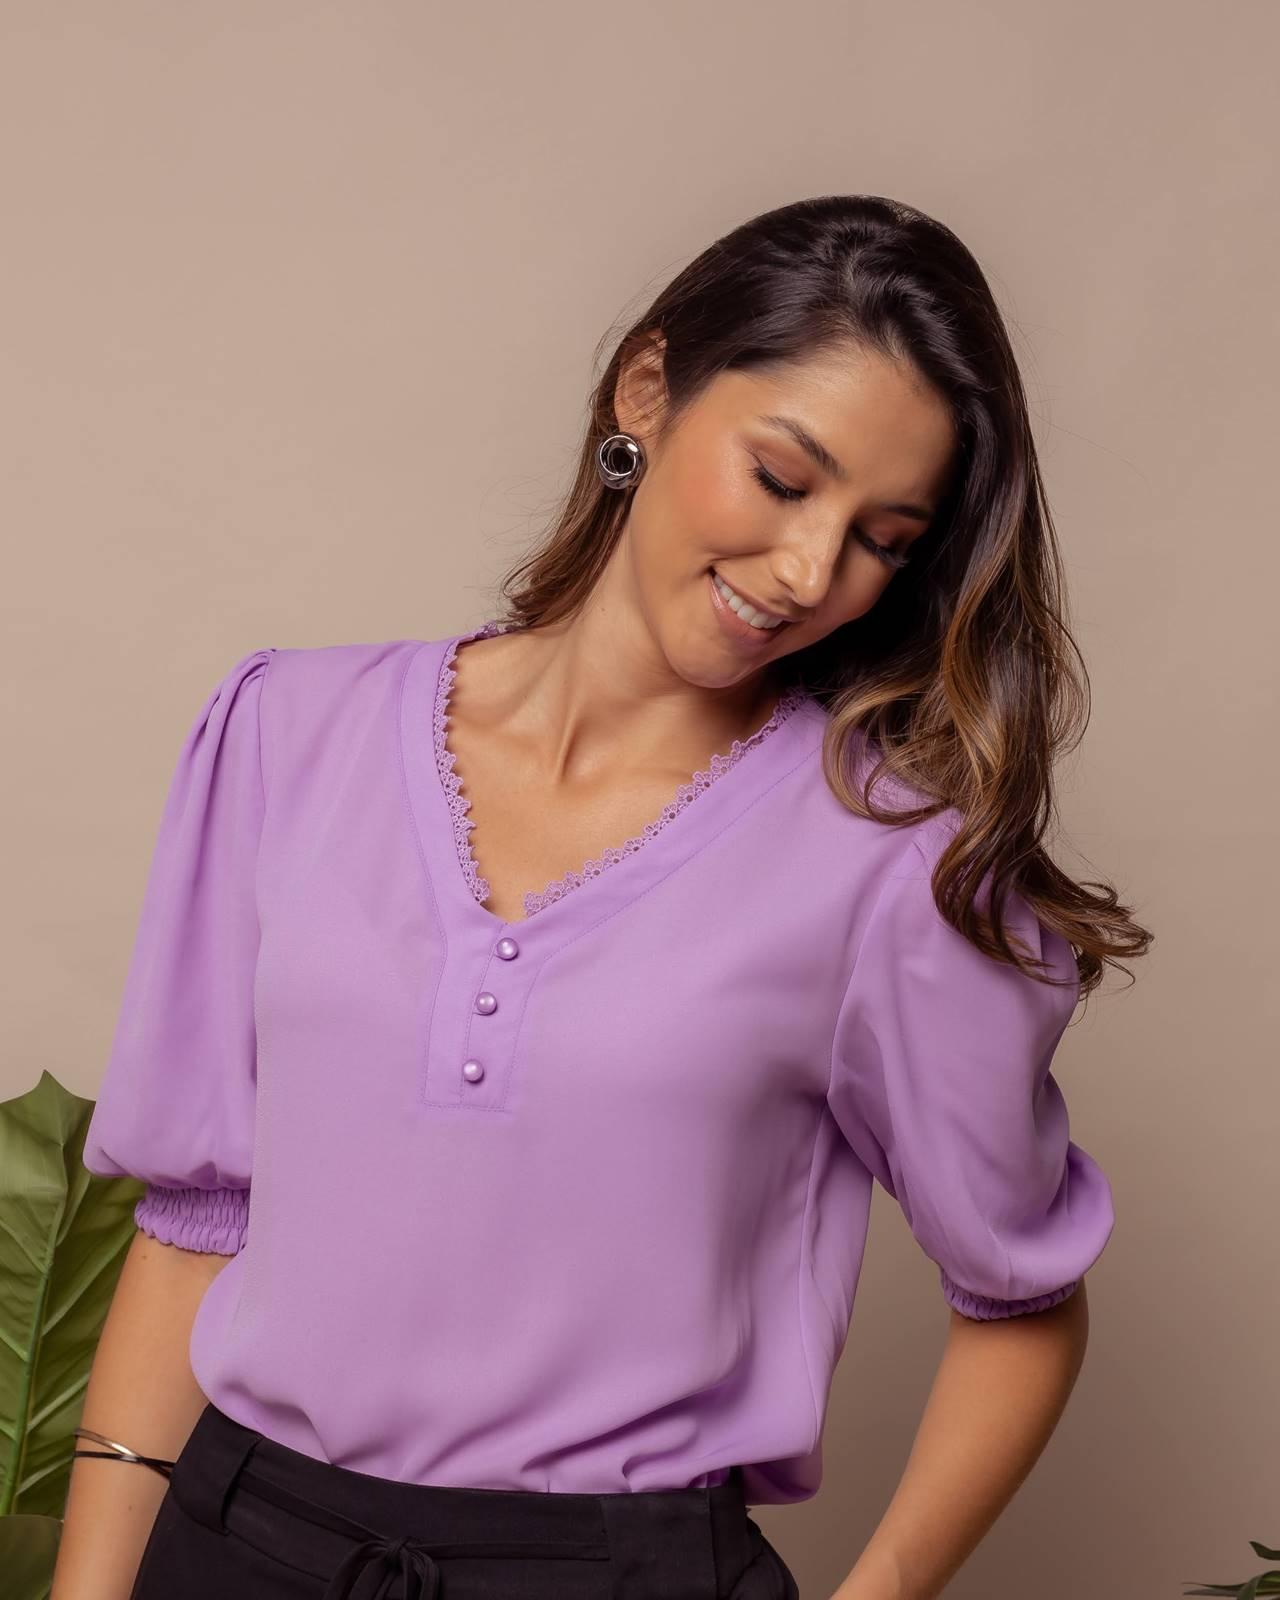 linda foto da blusa